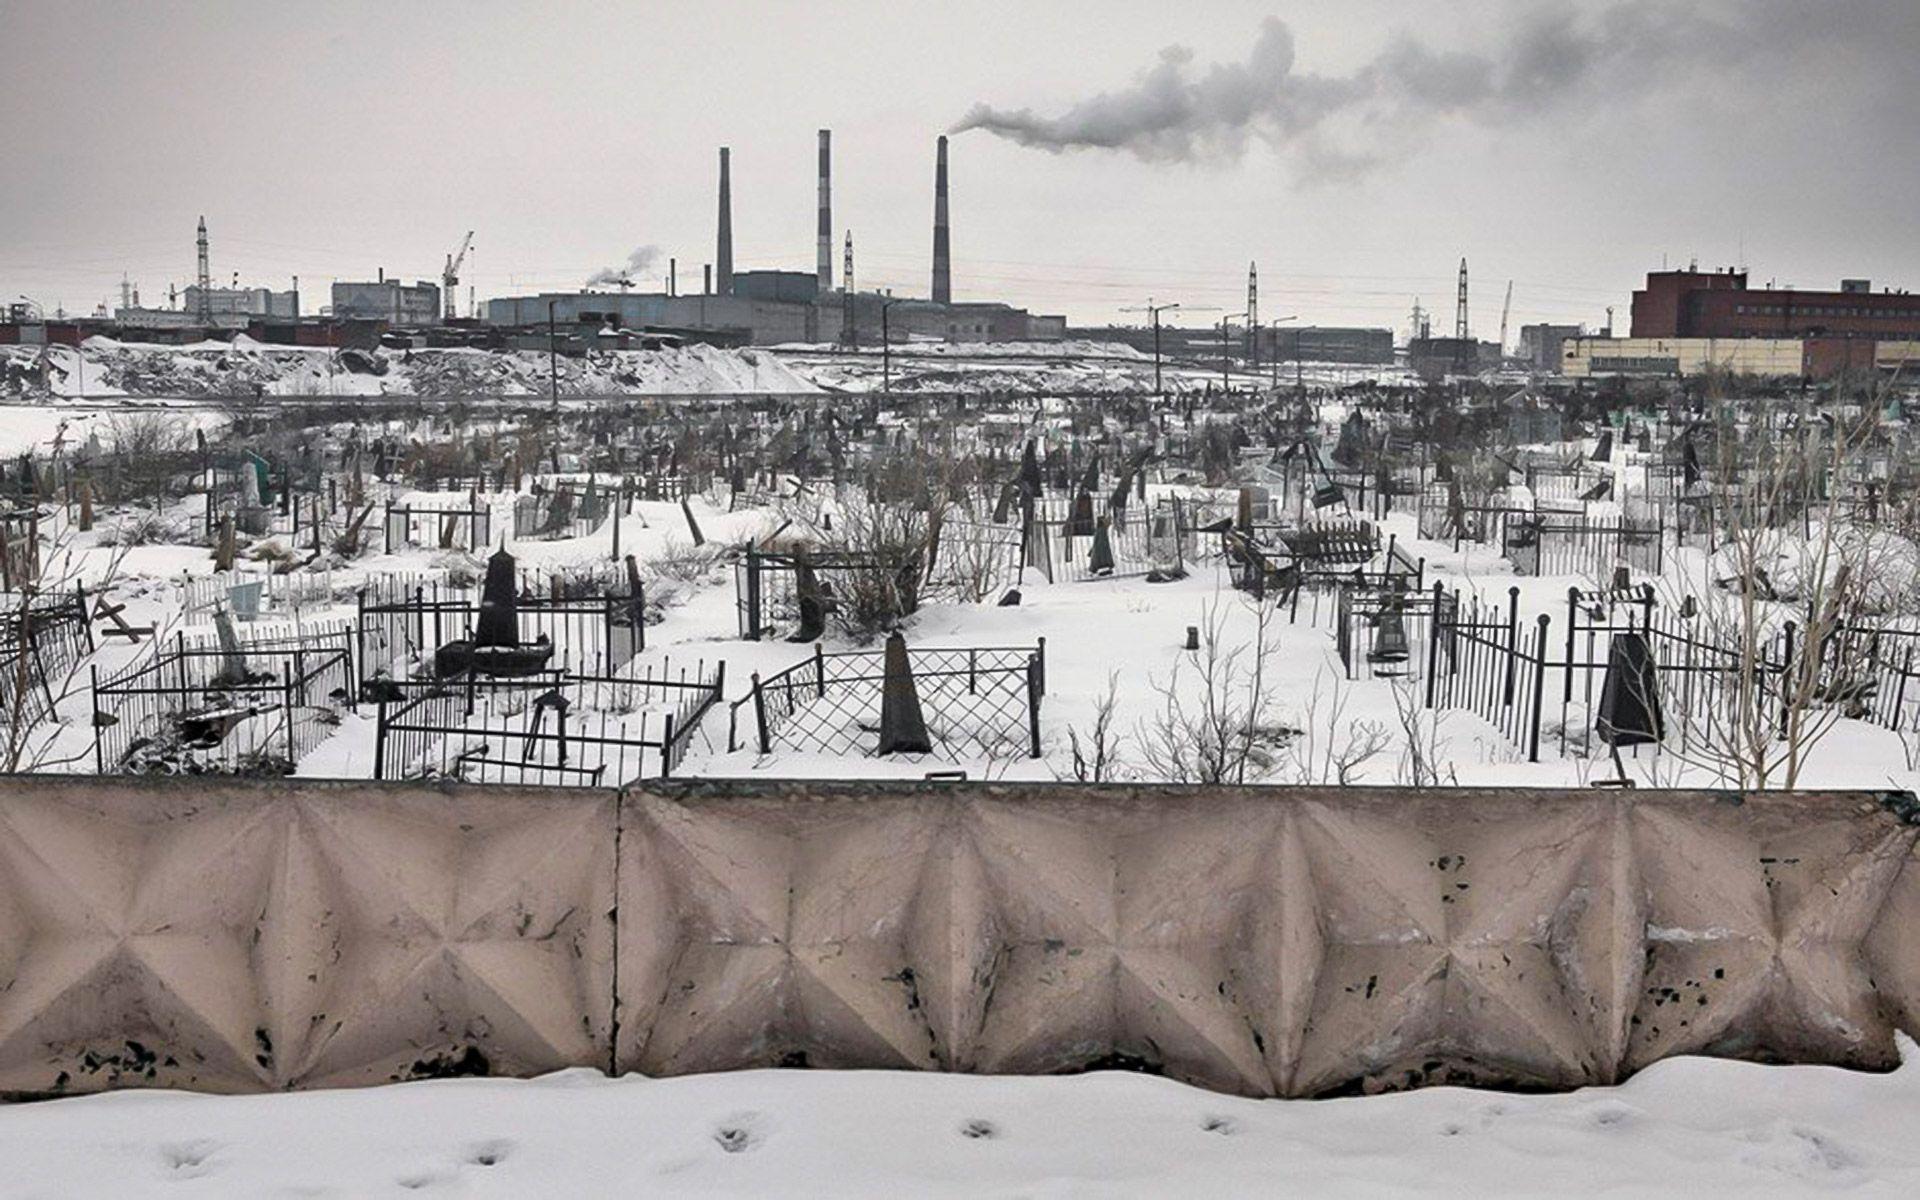 Норильск. Кладбище Автор Сергей Максимишин — Норильск